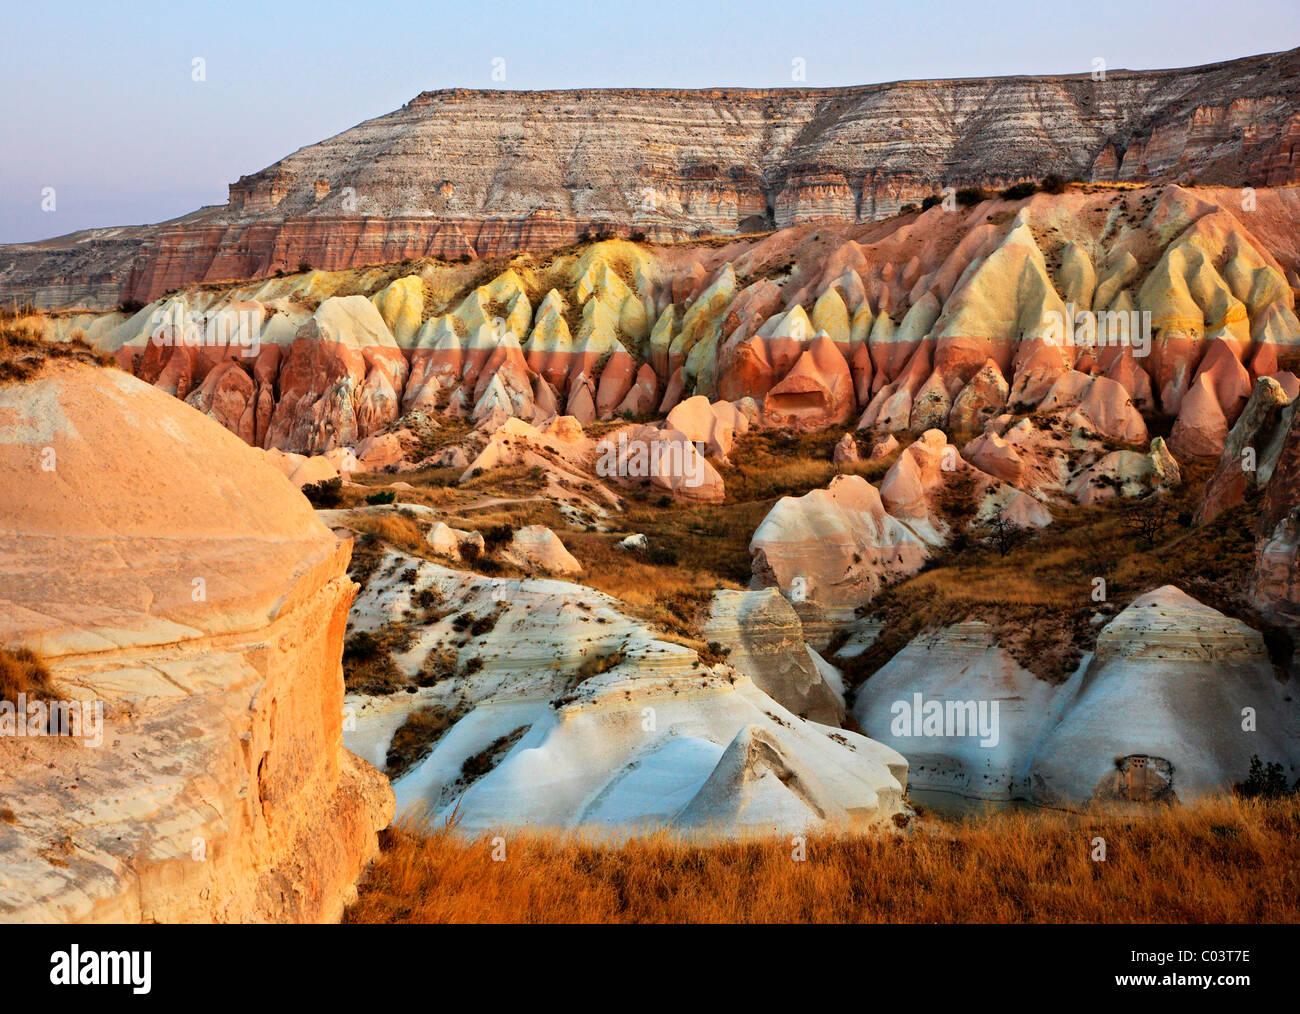 Grande variété de formes, de formes et de couleurs dans le paysage de la Cappadoce, Istanbul, Turquie. Photo Stock